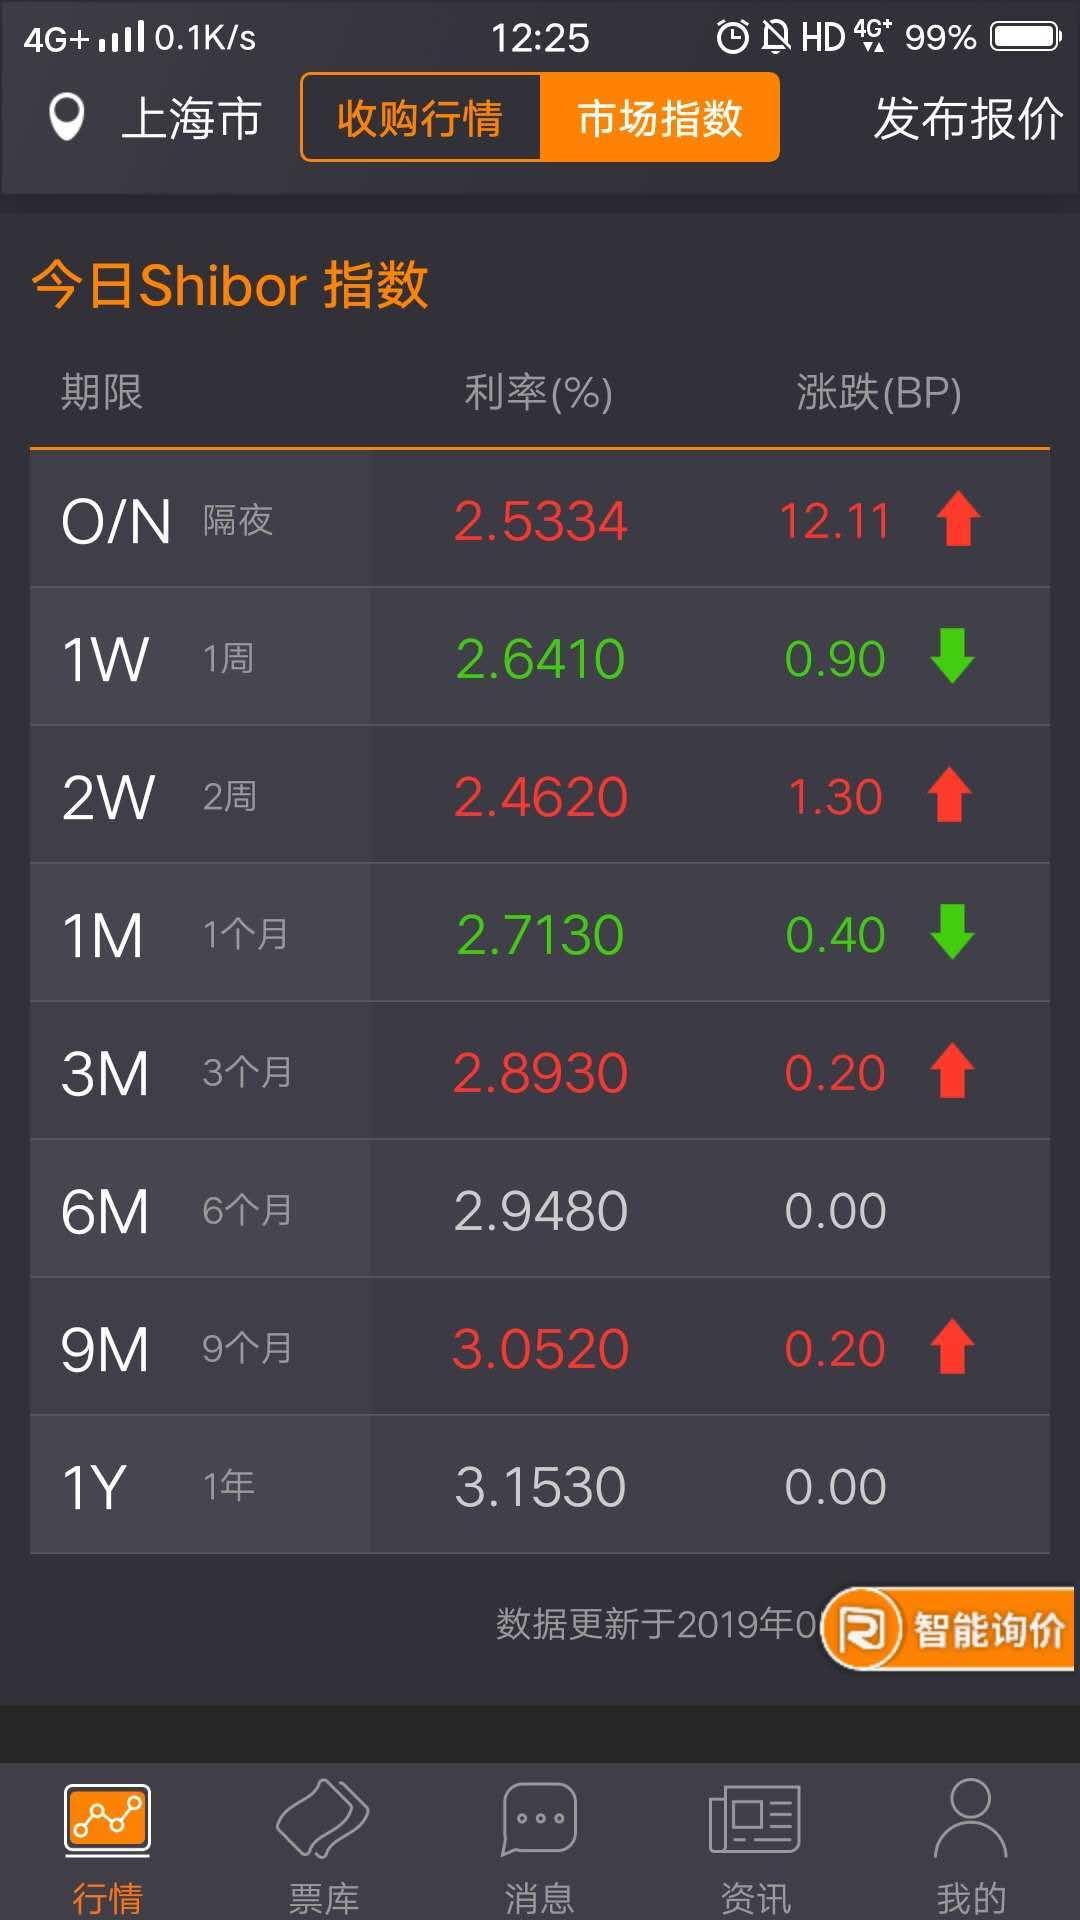 【货币市场概览】定向降准资金今起释放  逆回购到期不续也无大碍